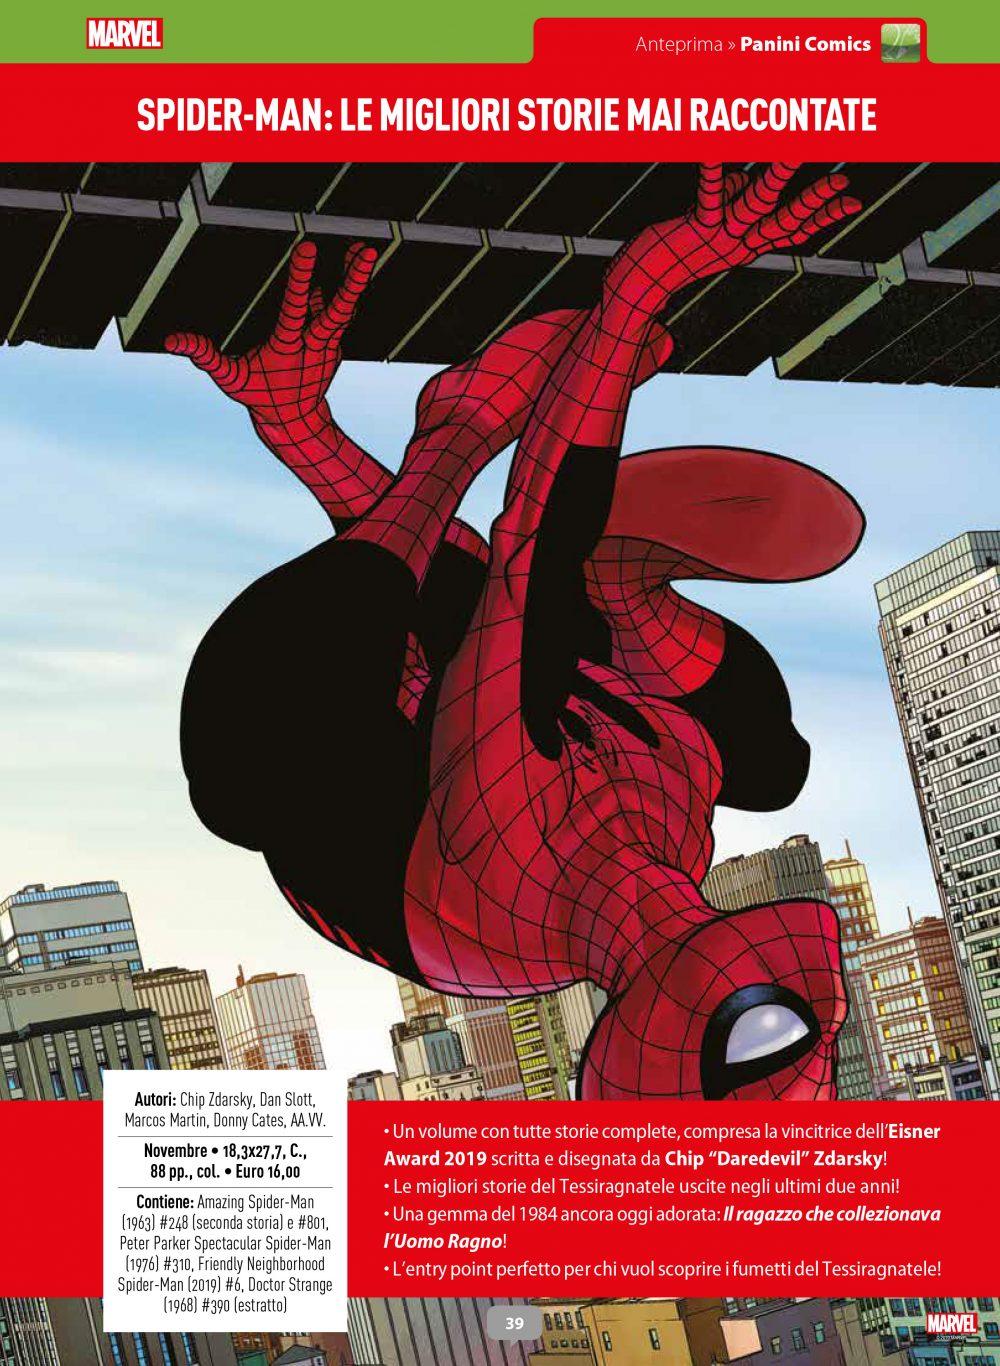 Spider-Man: Le migliori storie mai raccontate su Anteprima